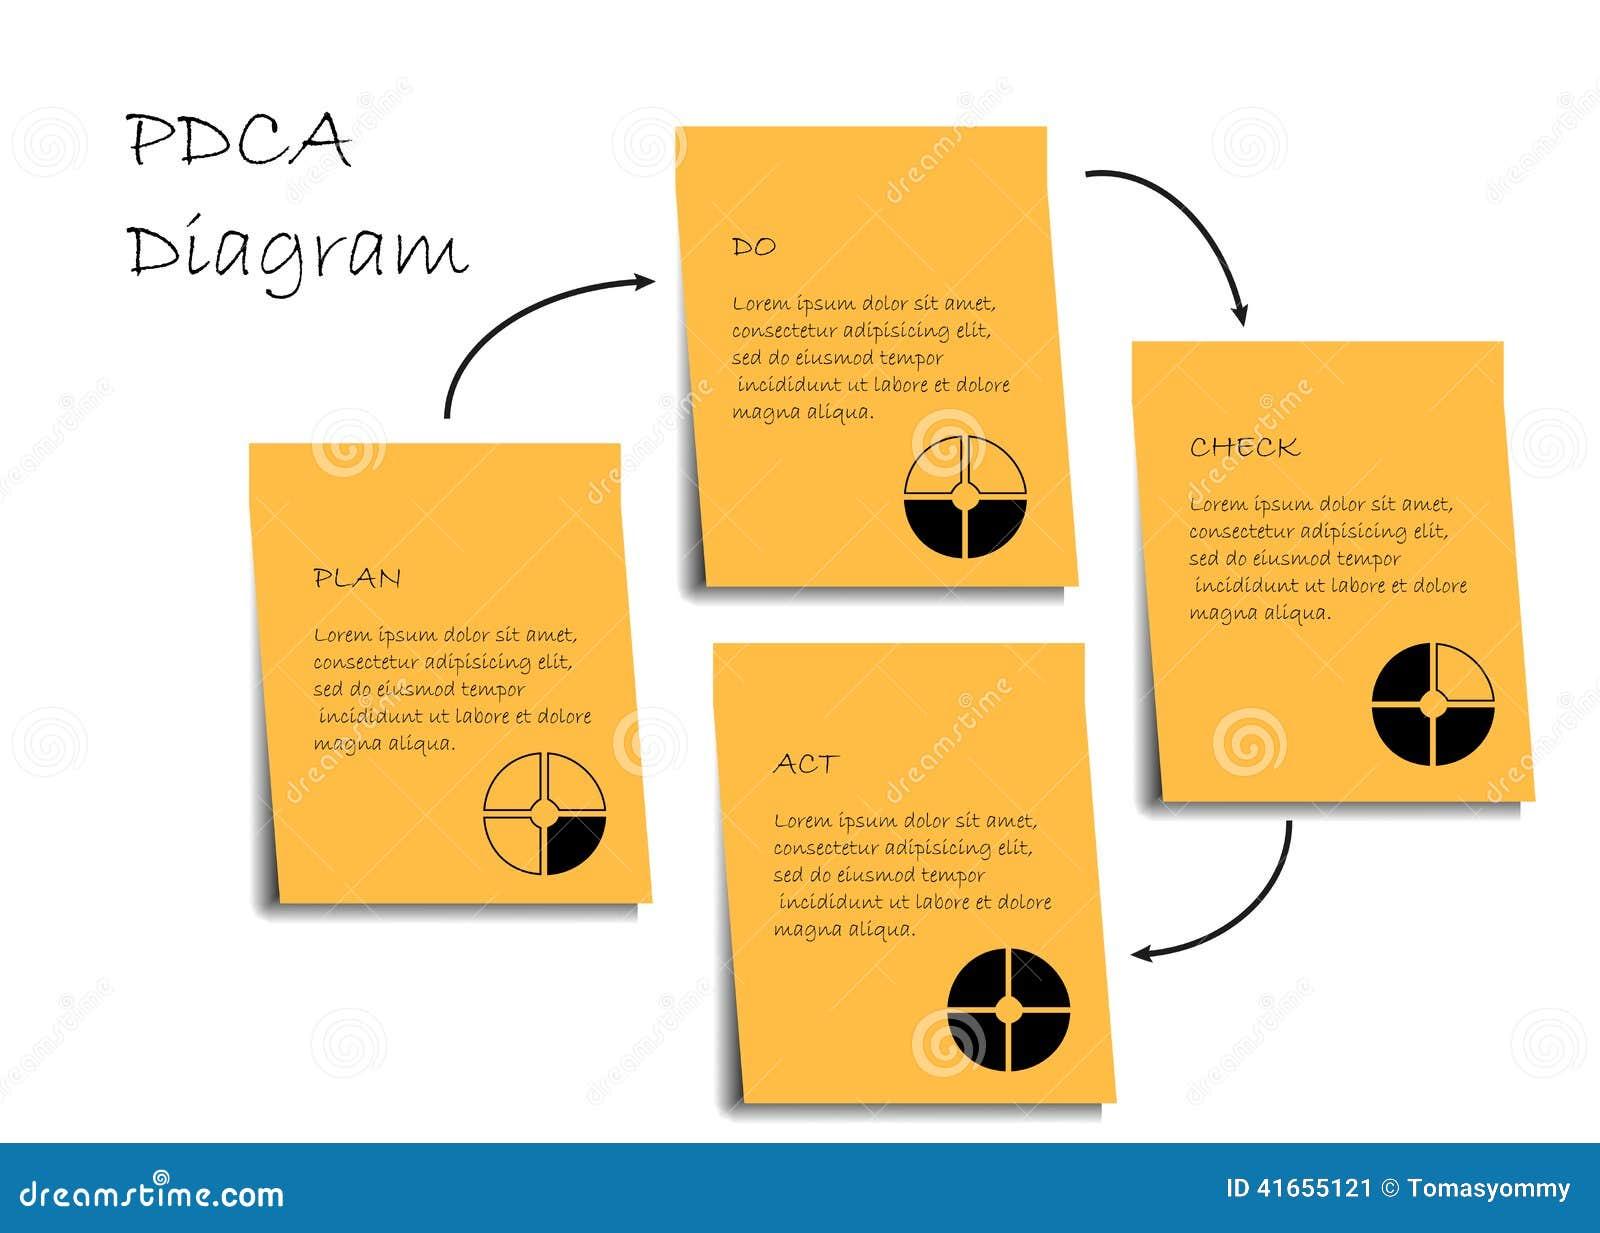 PDCA-diagram